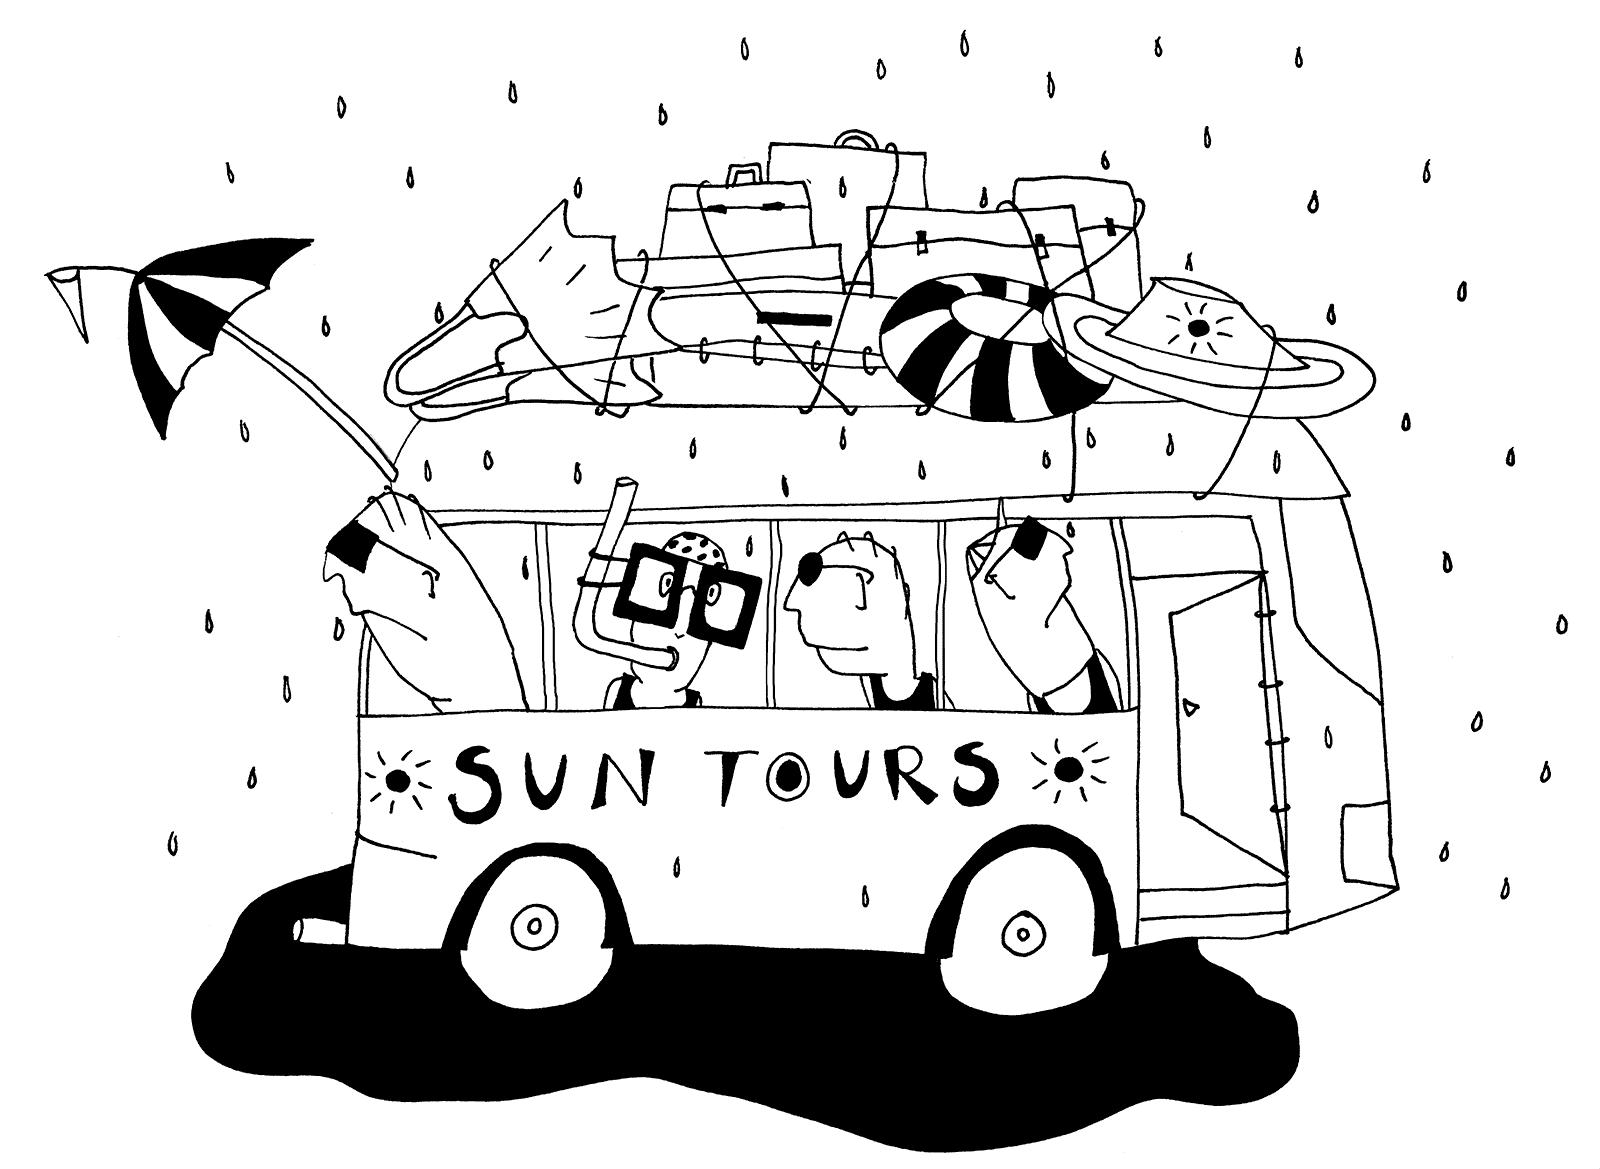 Lijntekening Suntours (mensen met strandspullen en zonnebrillen zitten in de tourbus van 'Suntours' terwijl het regent. Misleidend adverteren